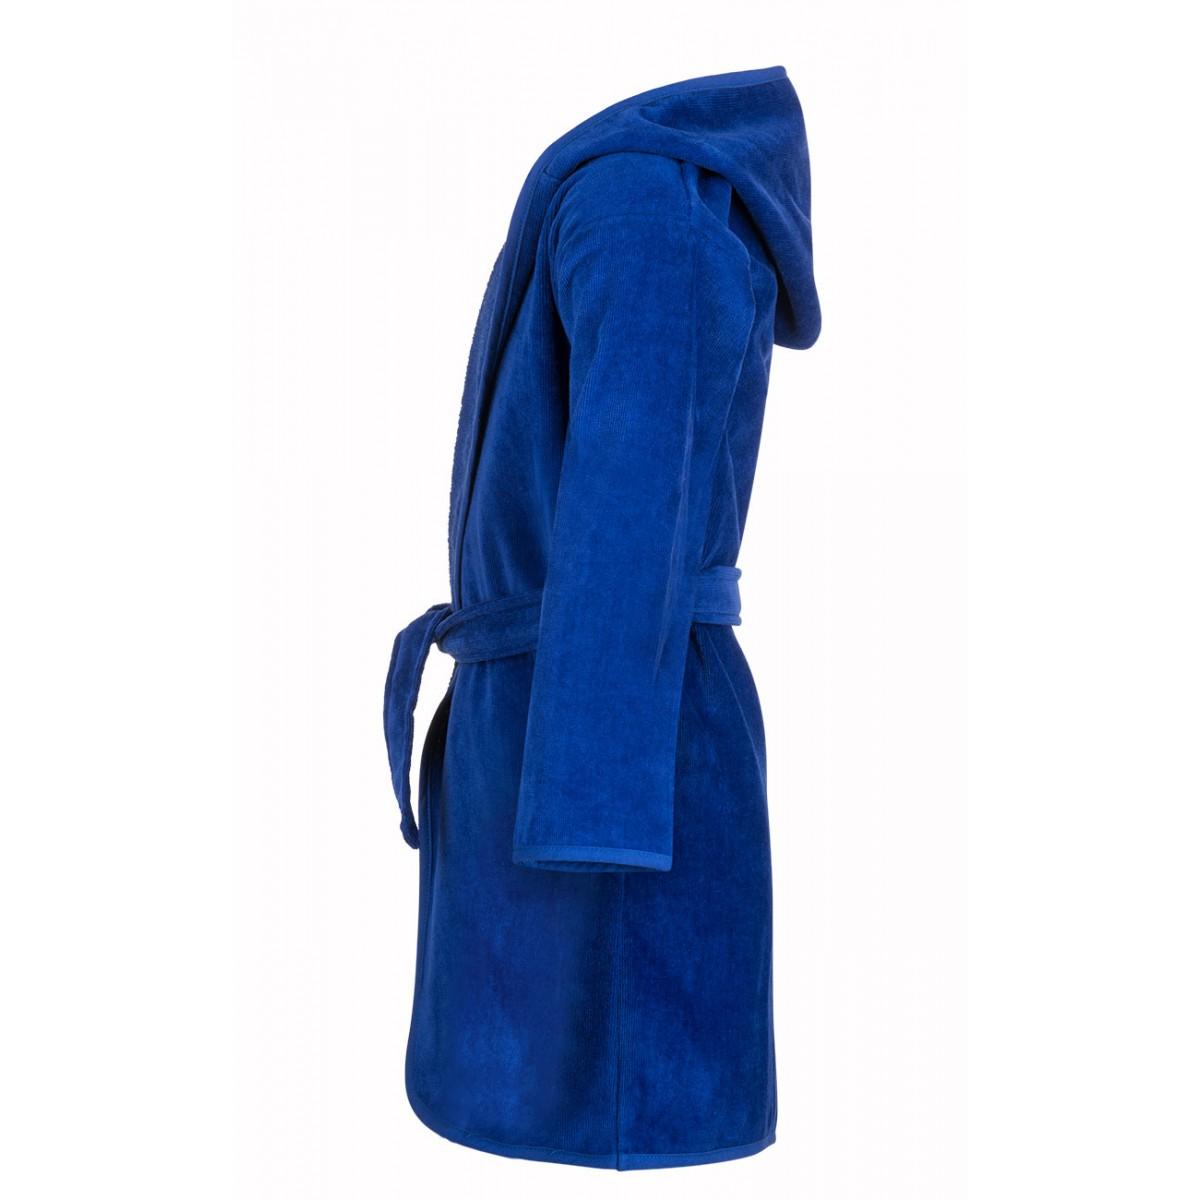 blauwe kinderbadjas met capuchon